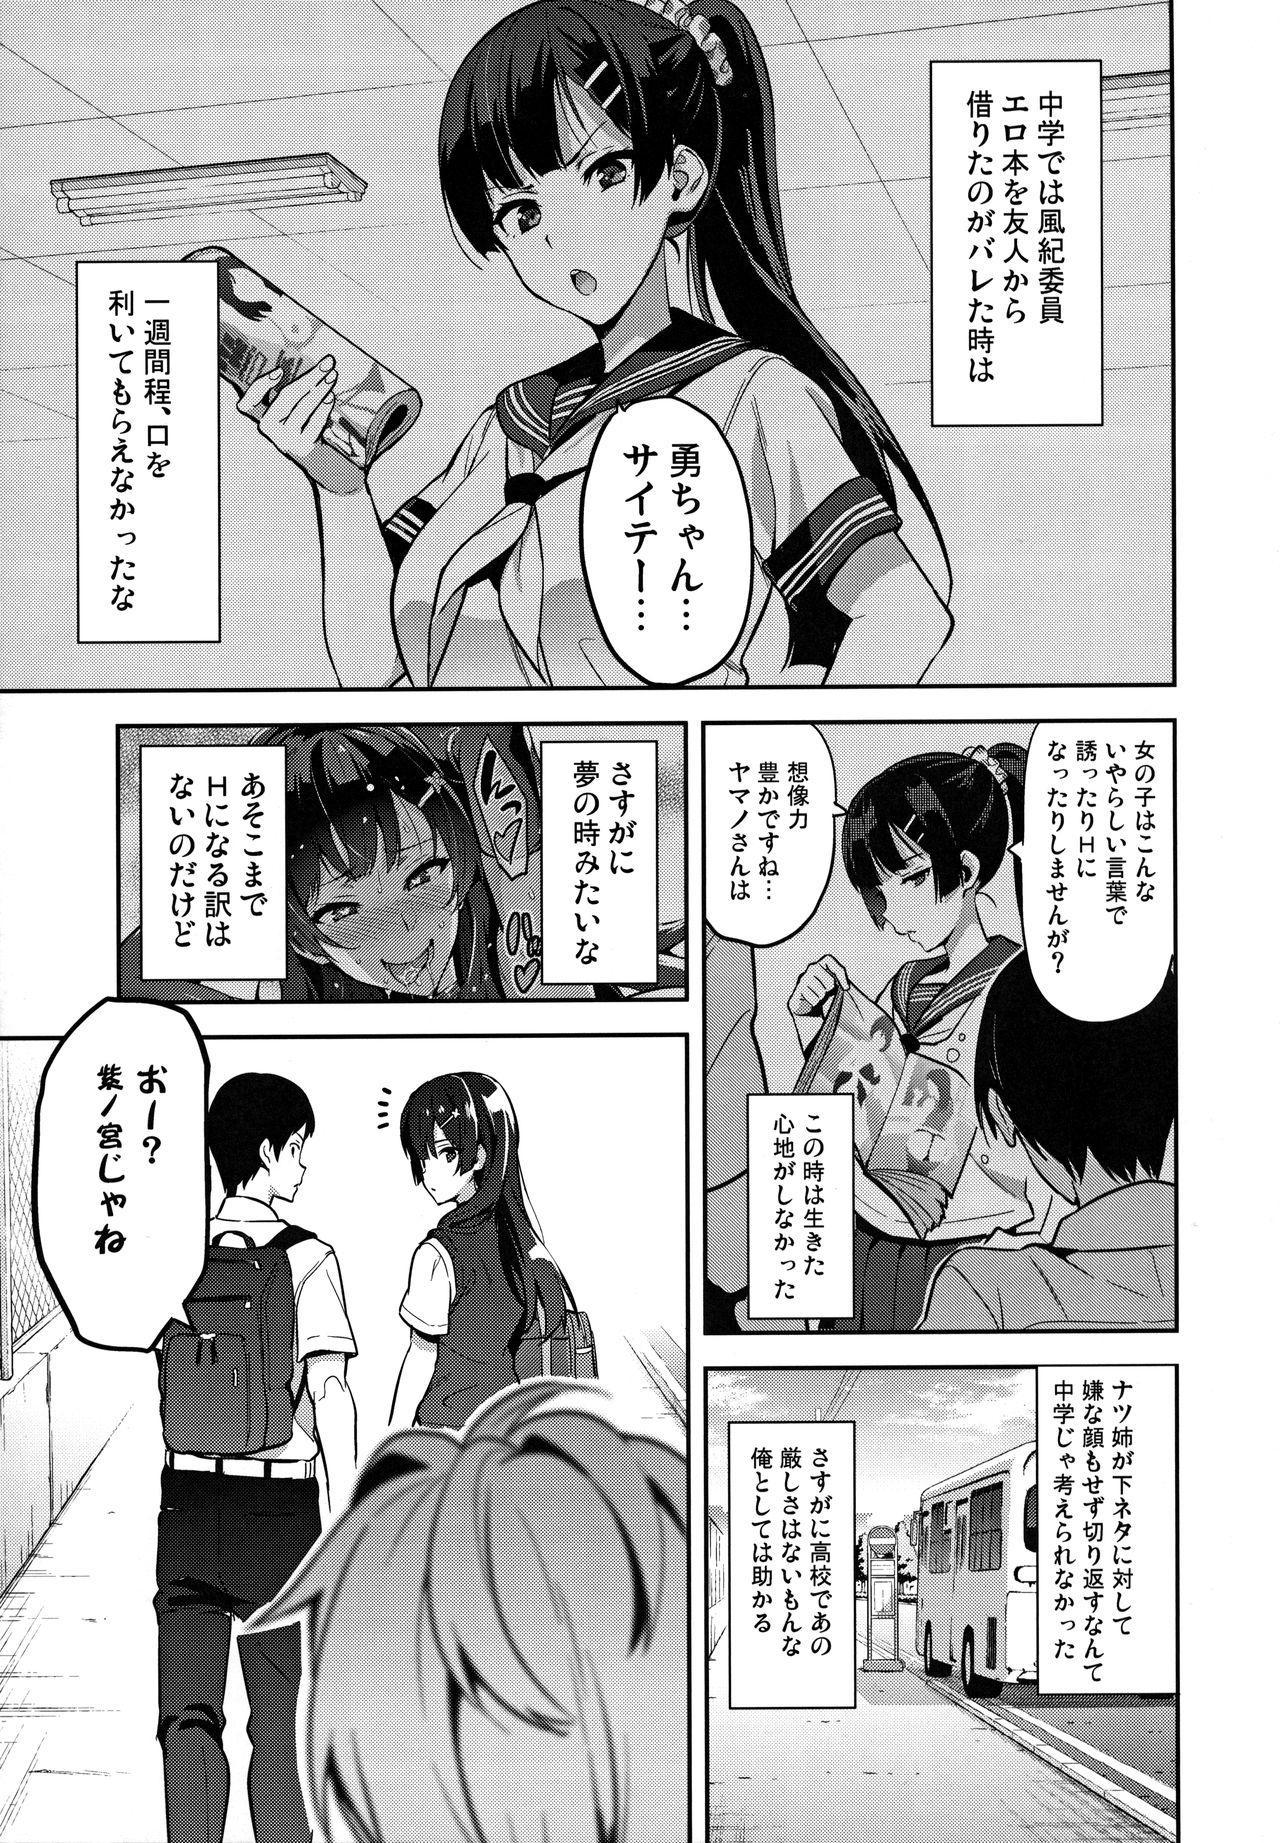 Ajisai no Chiru Koro ni 7